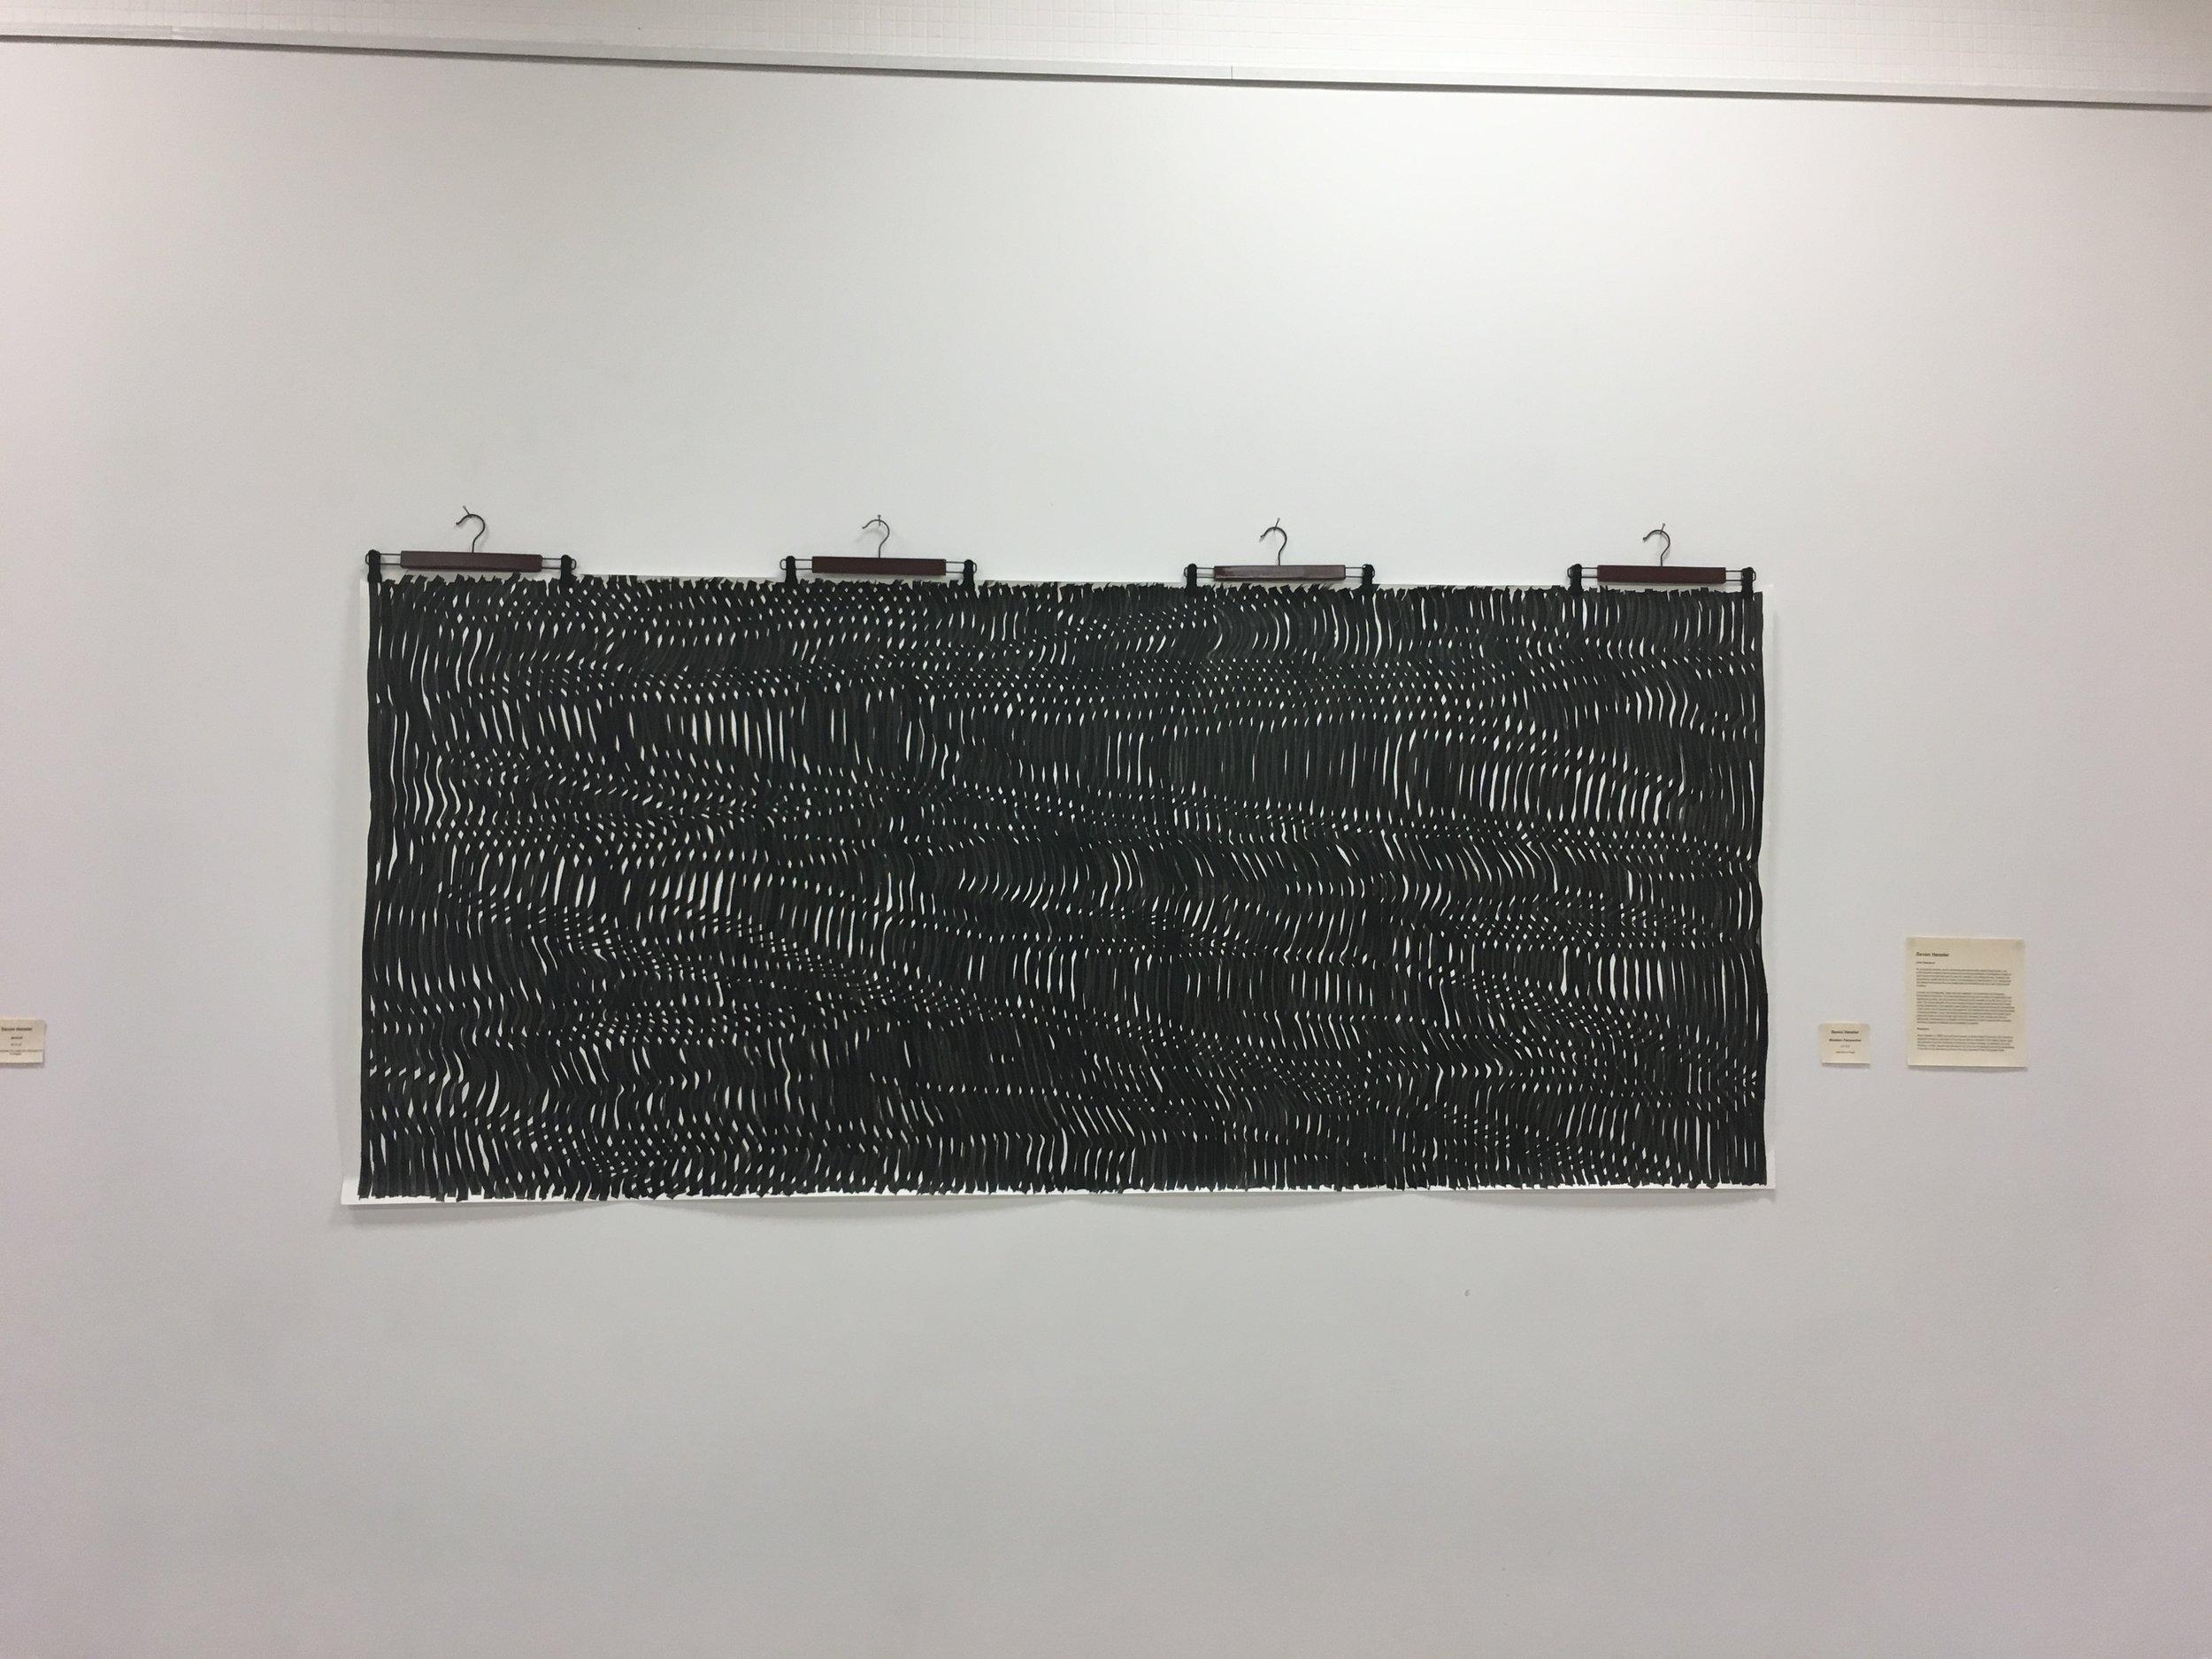 Mistaken Perspective,  Devon Hensler. India ink on paper, 2017. Image courtesy of Lauren Darpel.